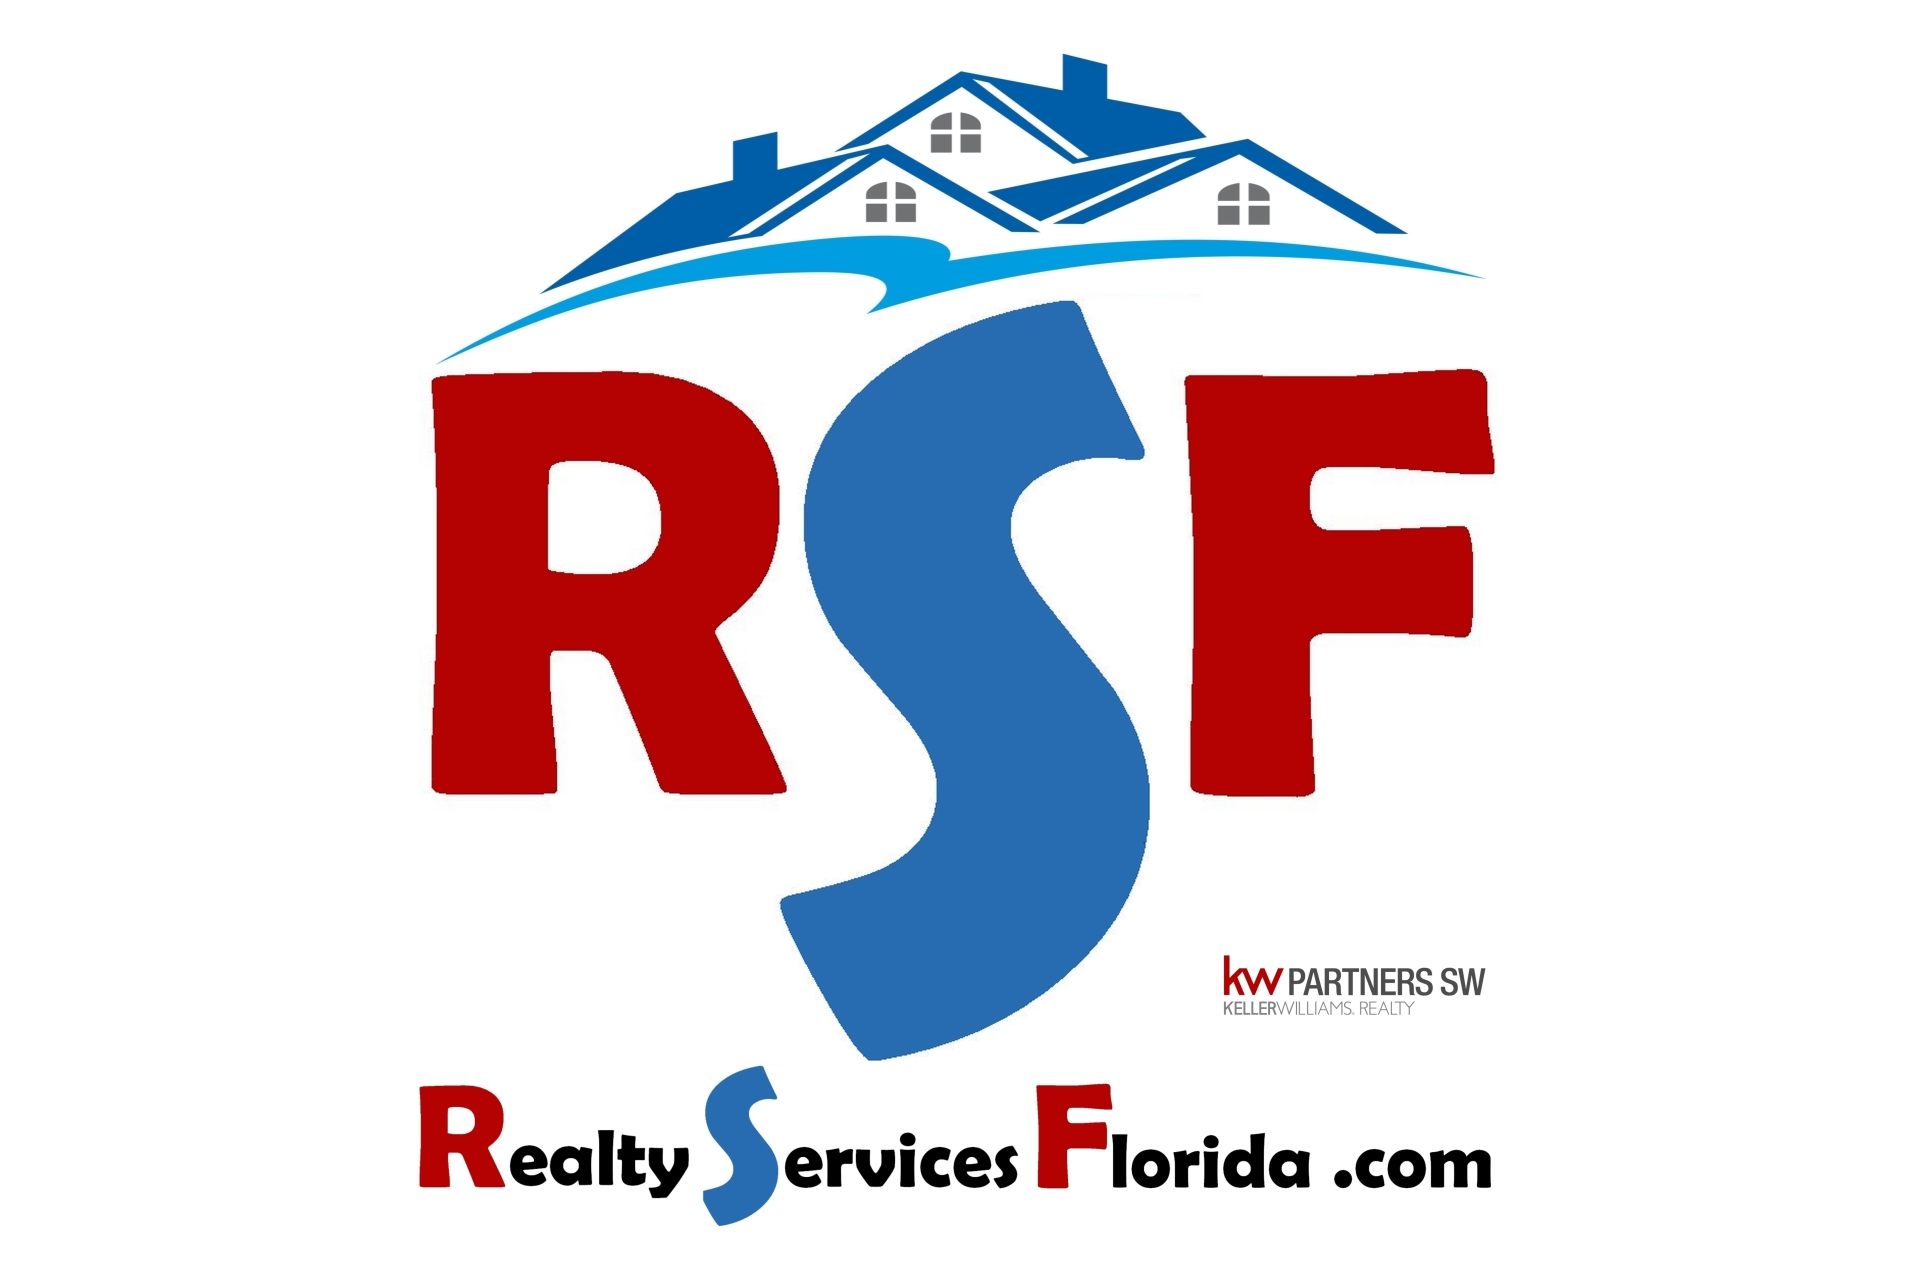 Immobilier Floride RSF Team à votre service